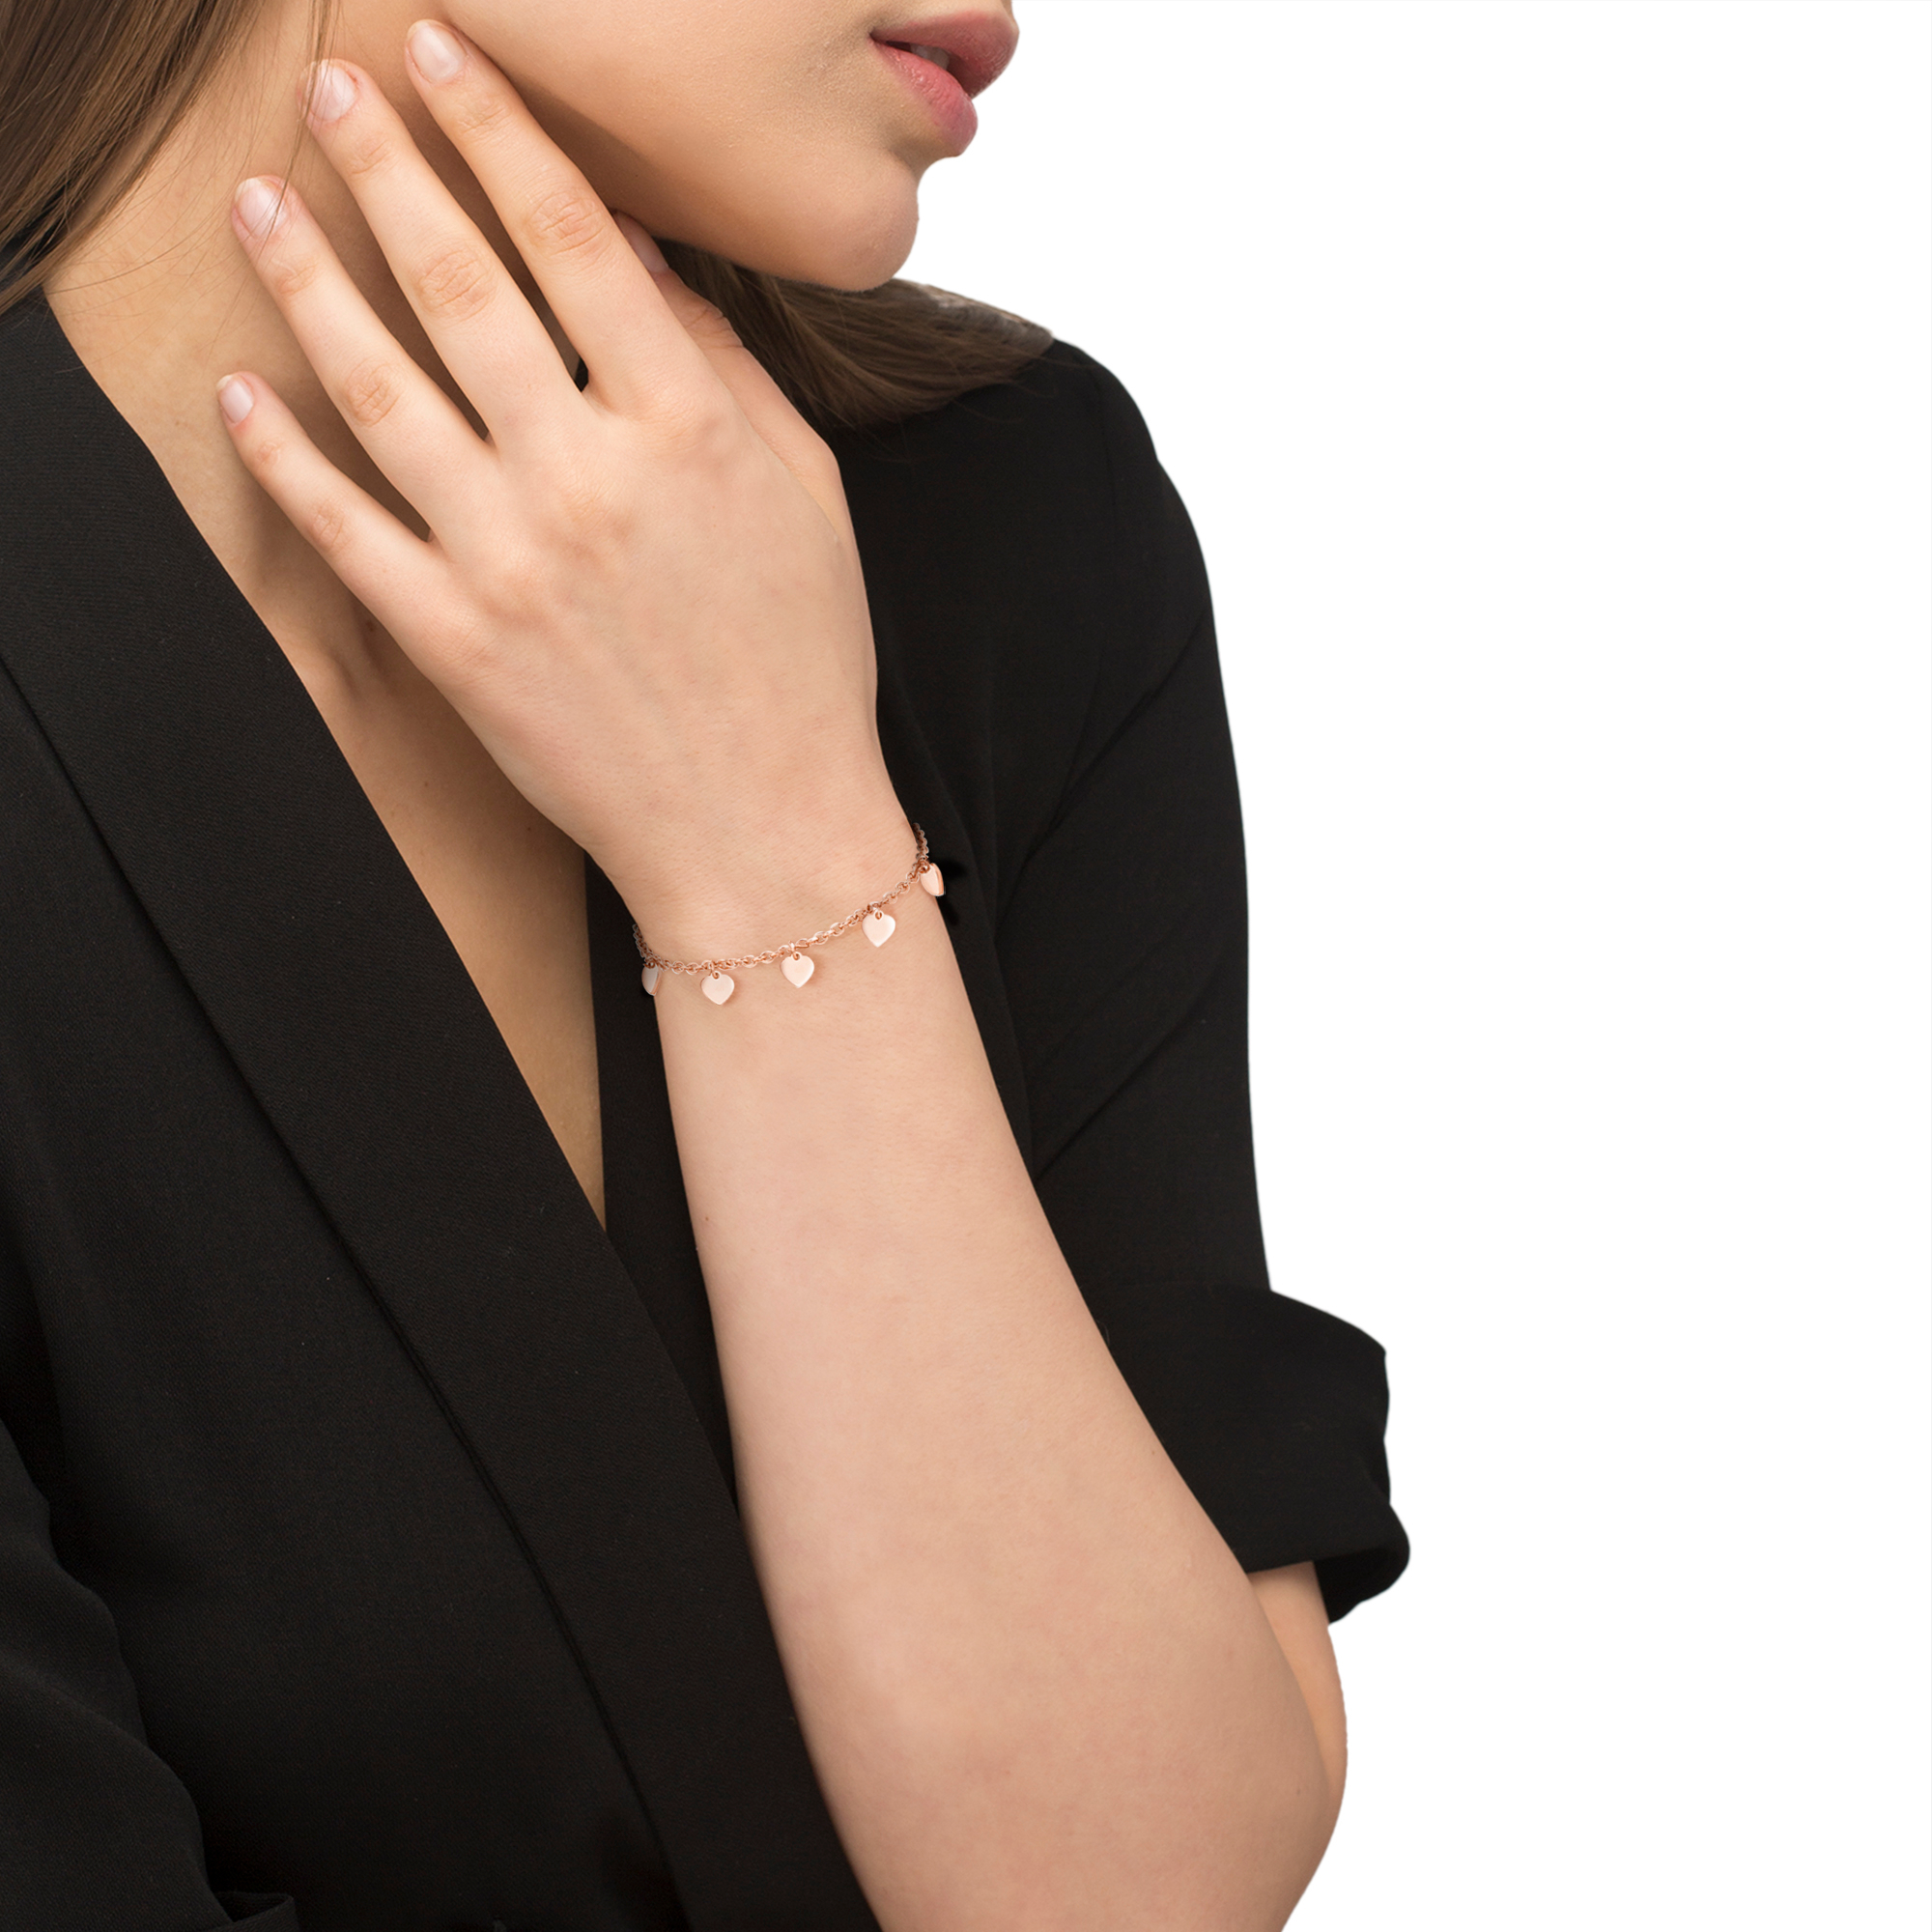 Armkette für Damen, Edelstahl, Herz